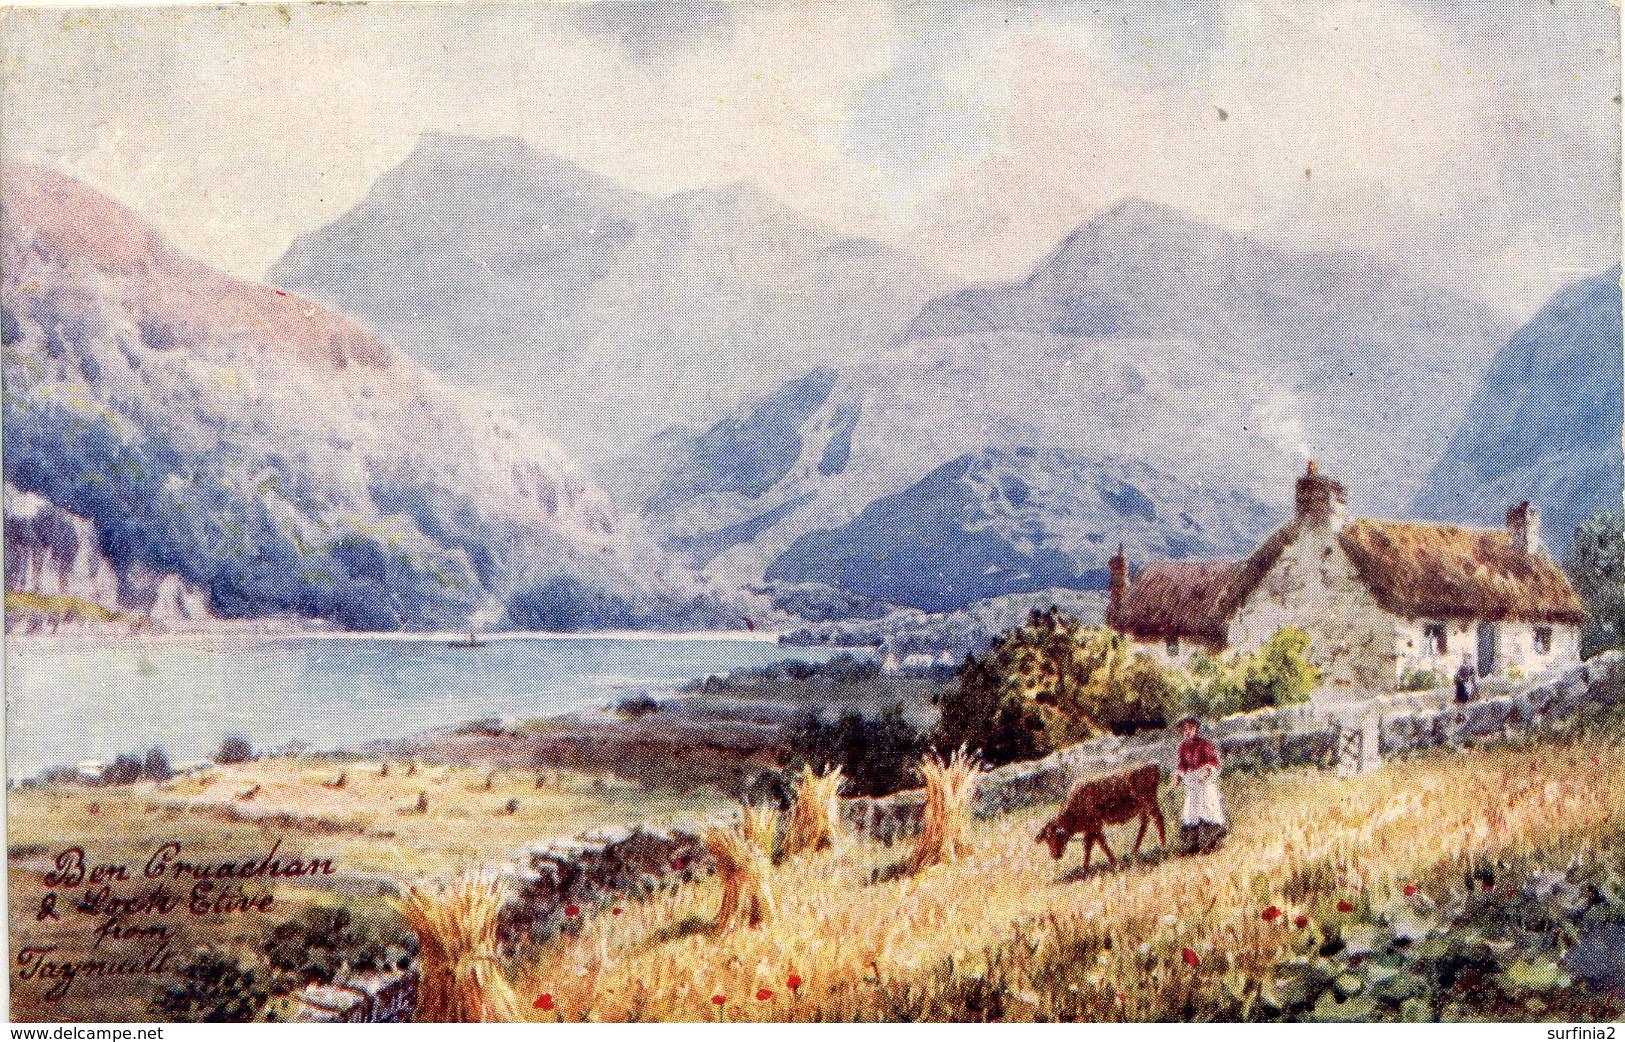 TUCKS OILETTE 7683 - HENRY WIMBUSH - LOCH ETIVE SERIES - BEN CRUACHAN - Argyllshire